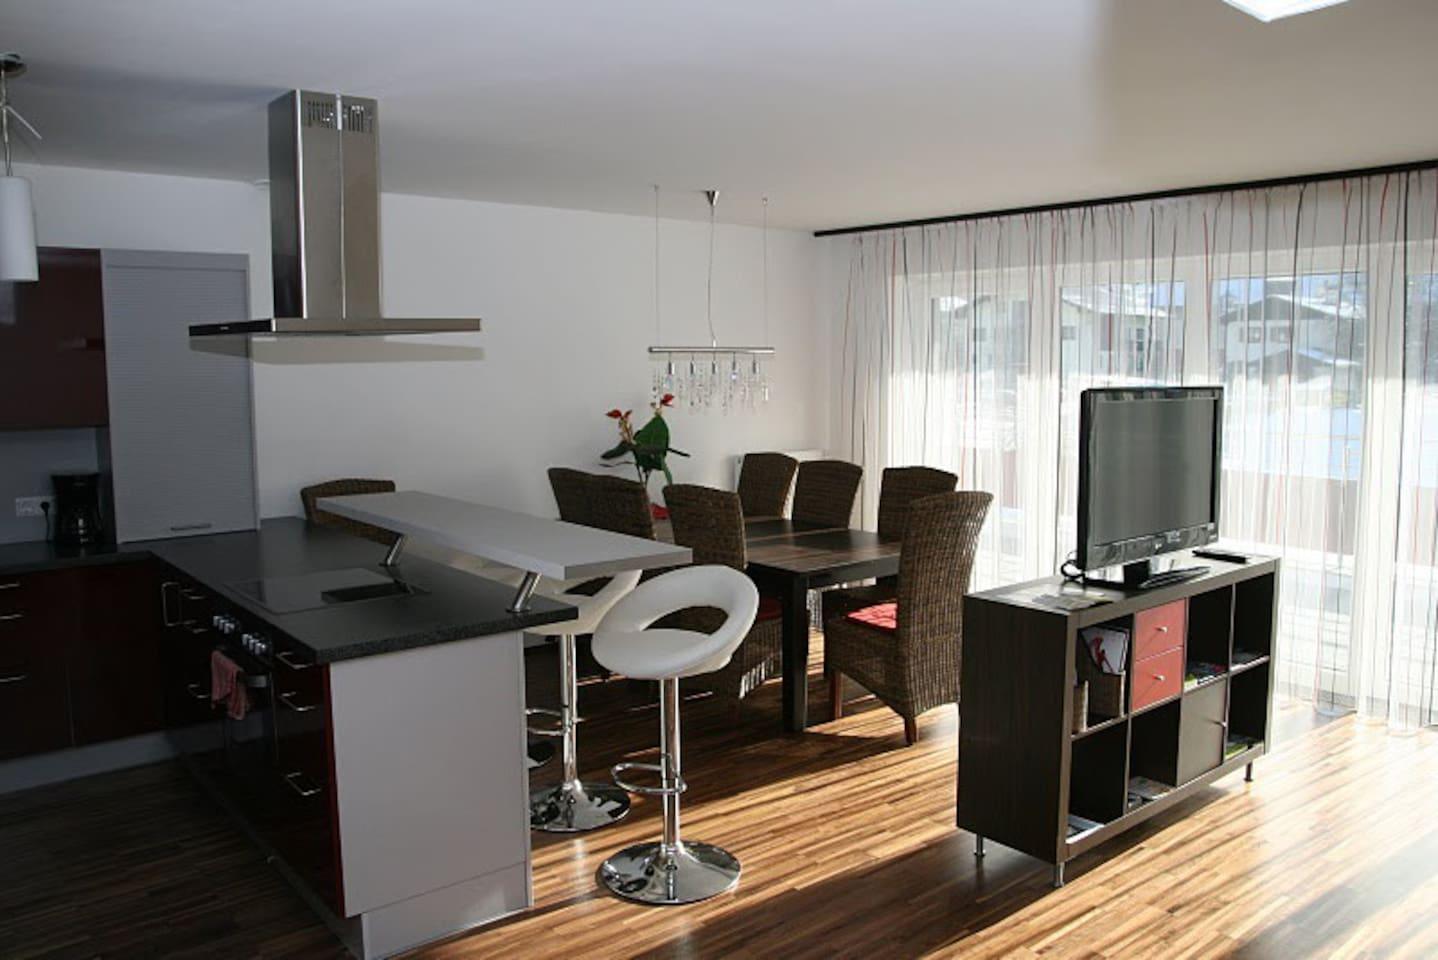 der große Wohnraum mit Küchenzeile